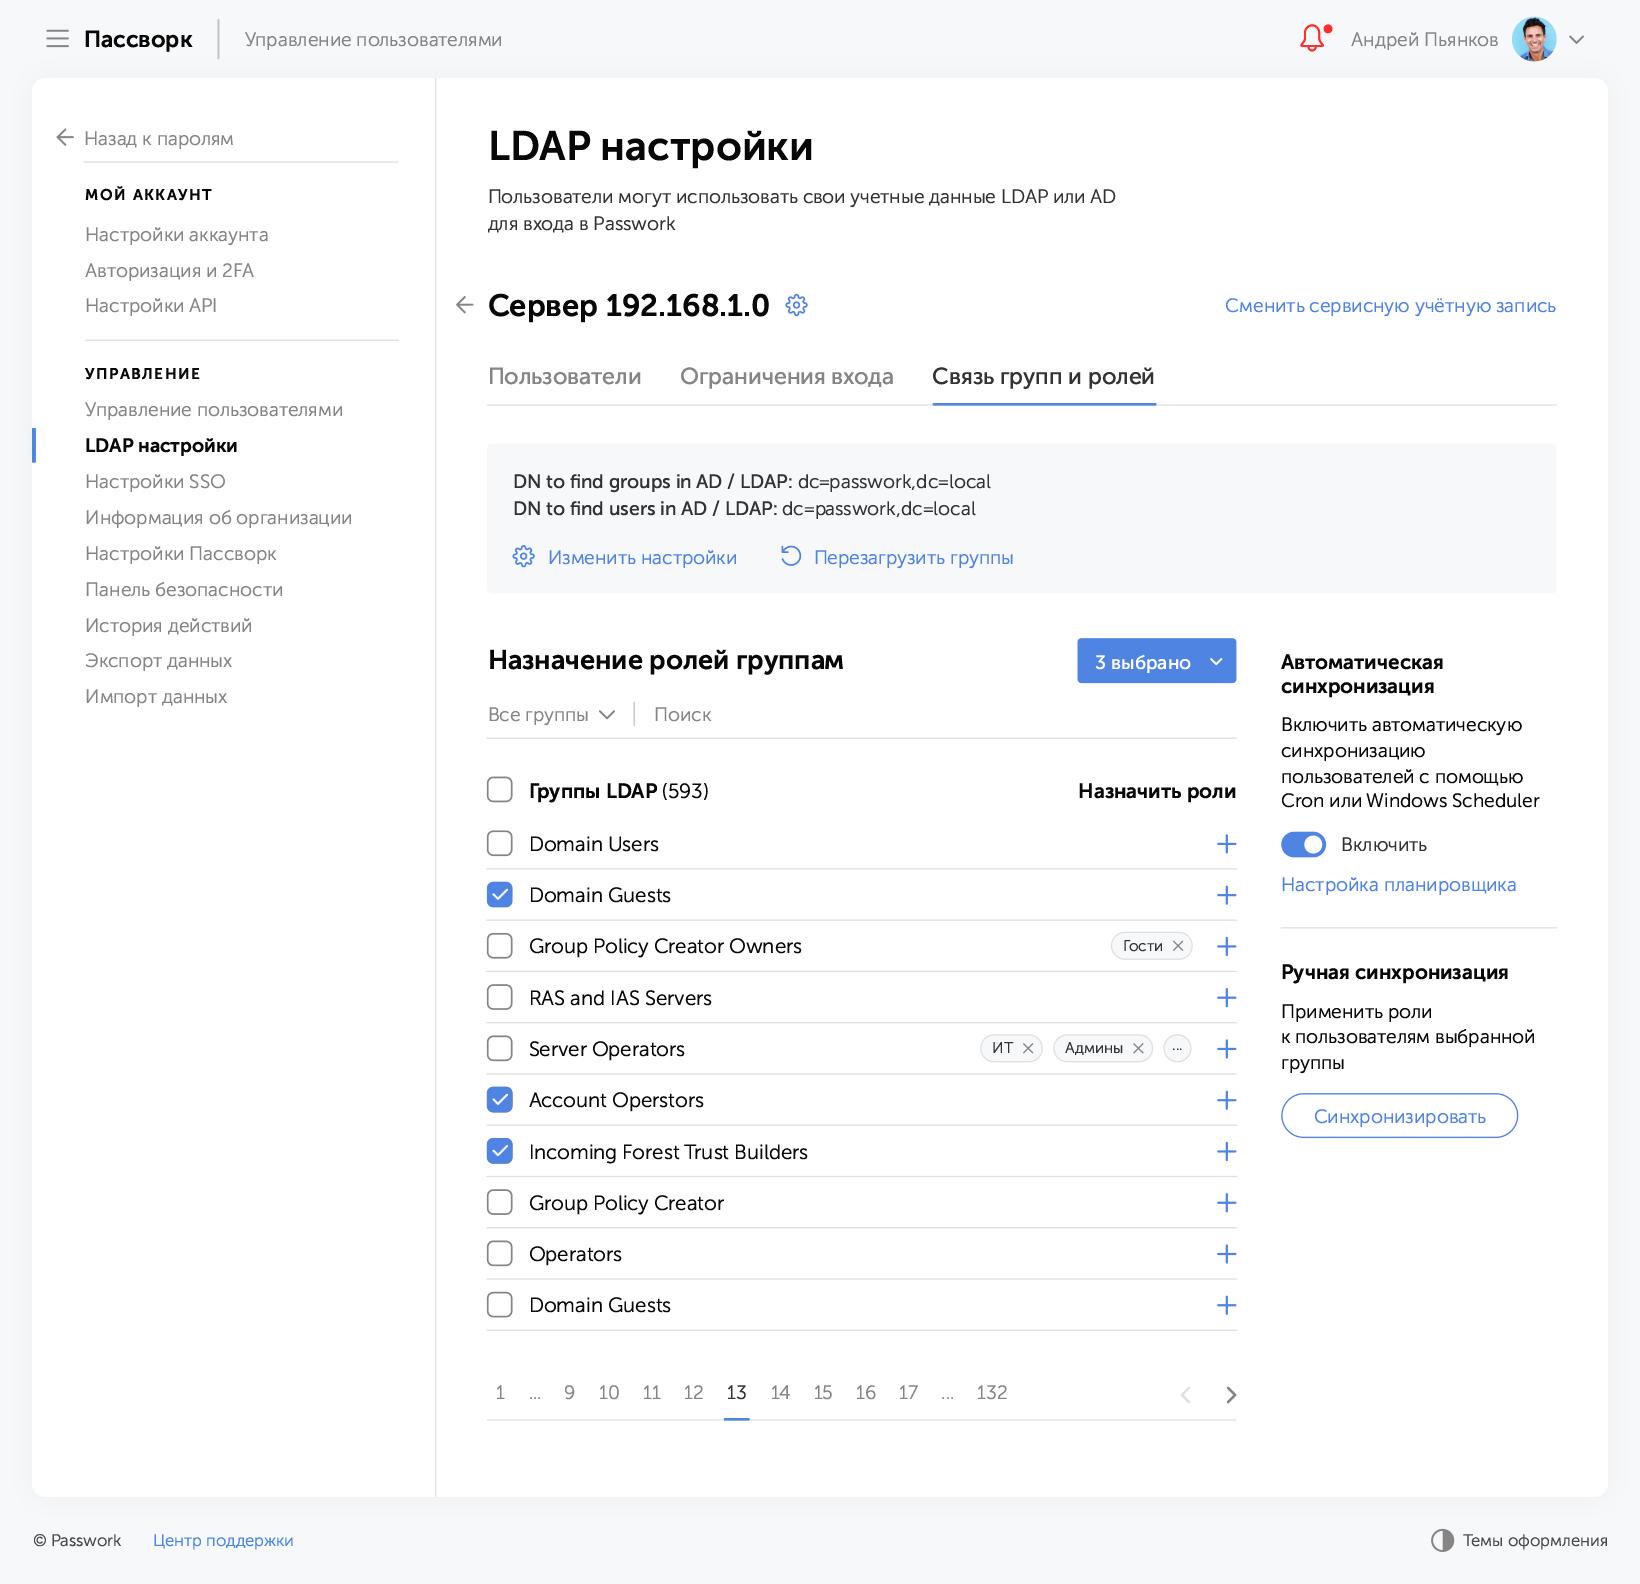 Интеграция с AD/LDAP